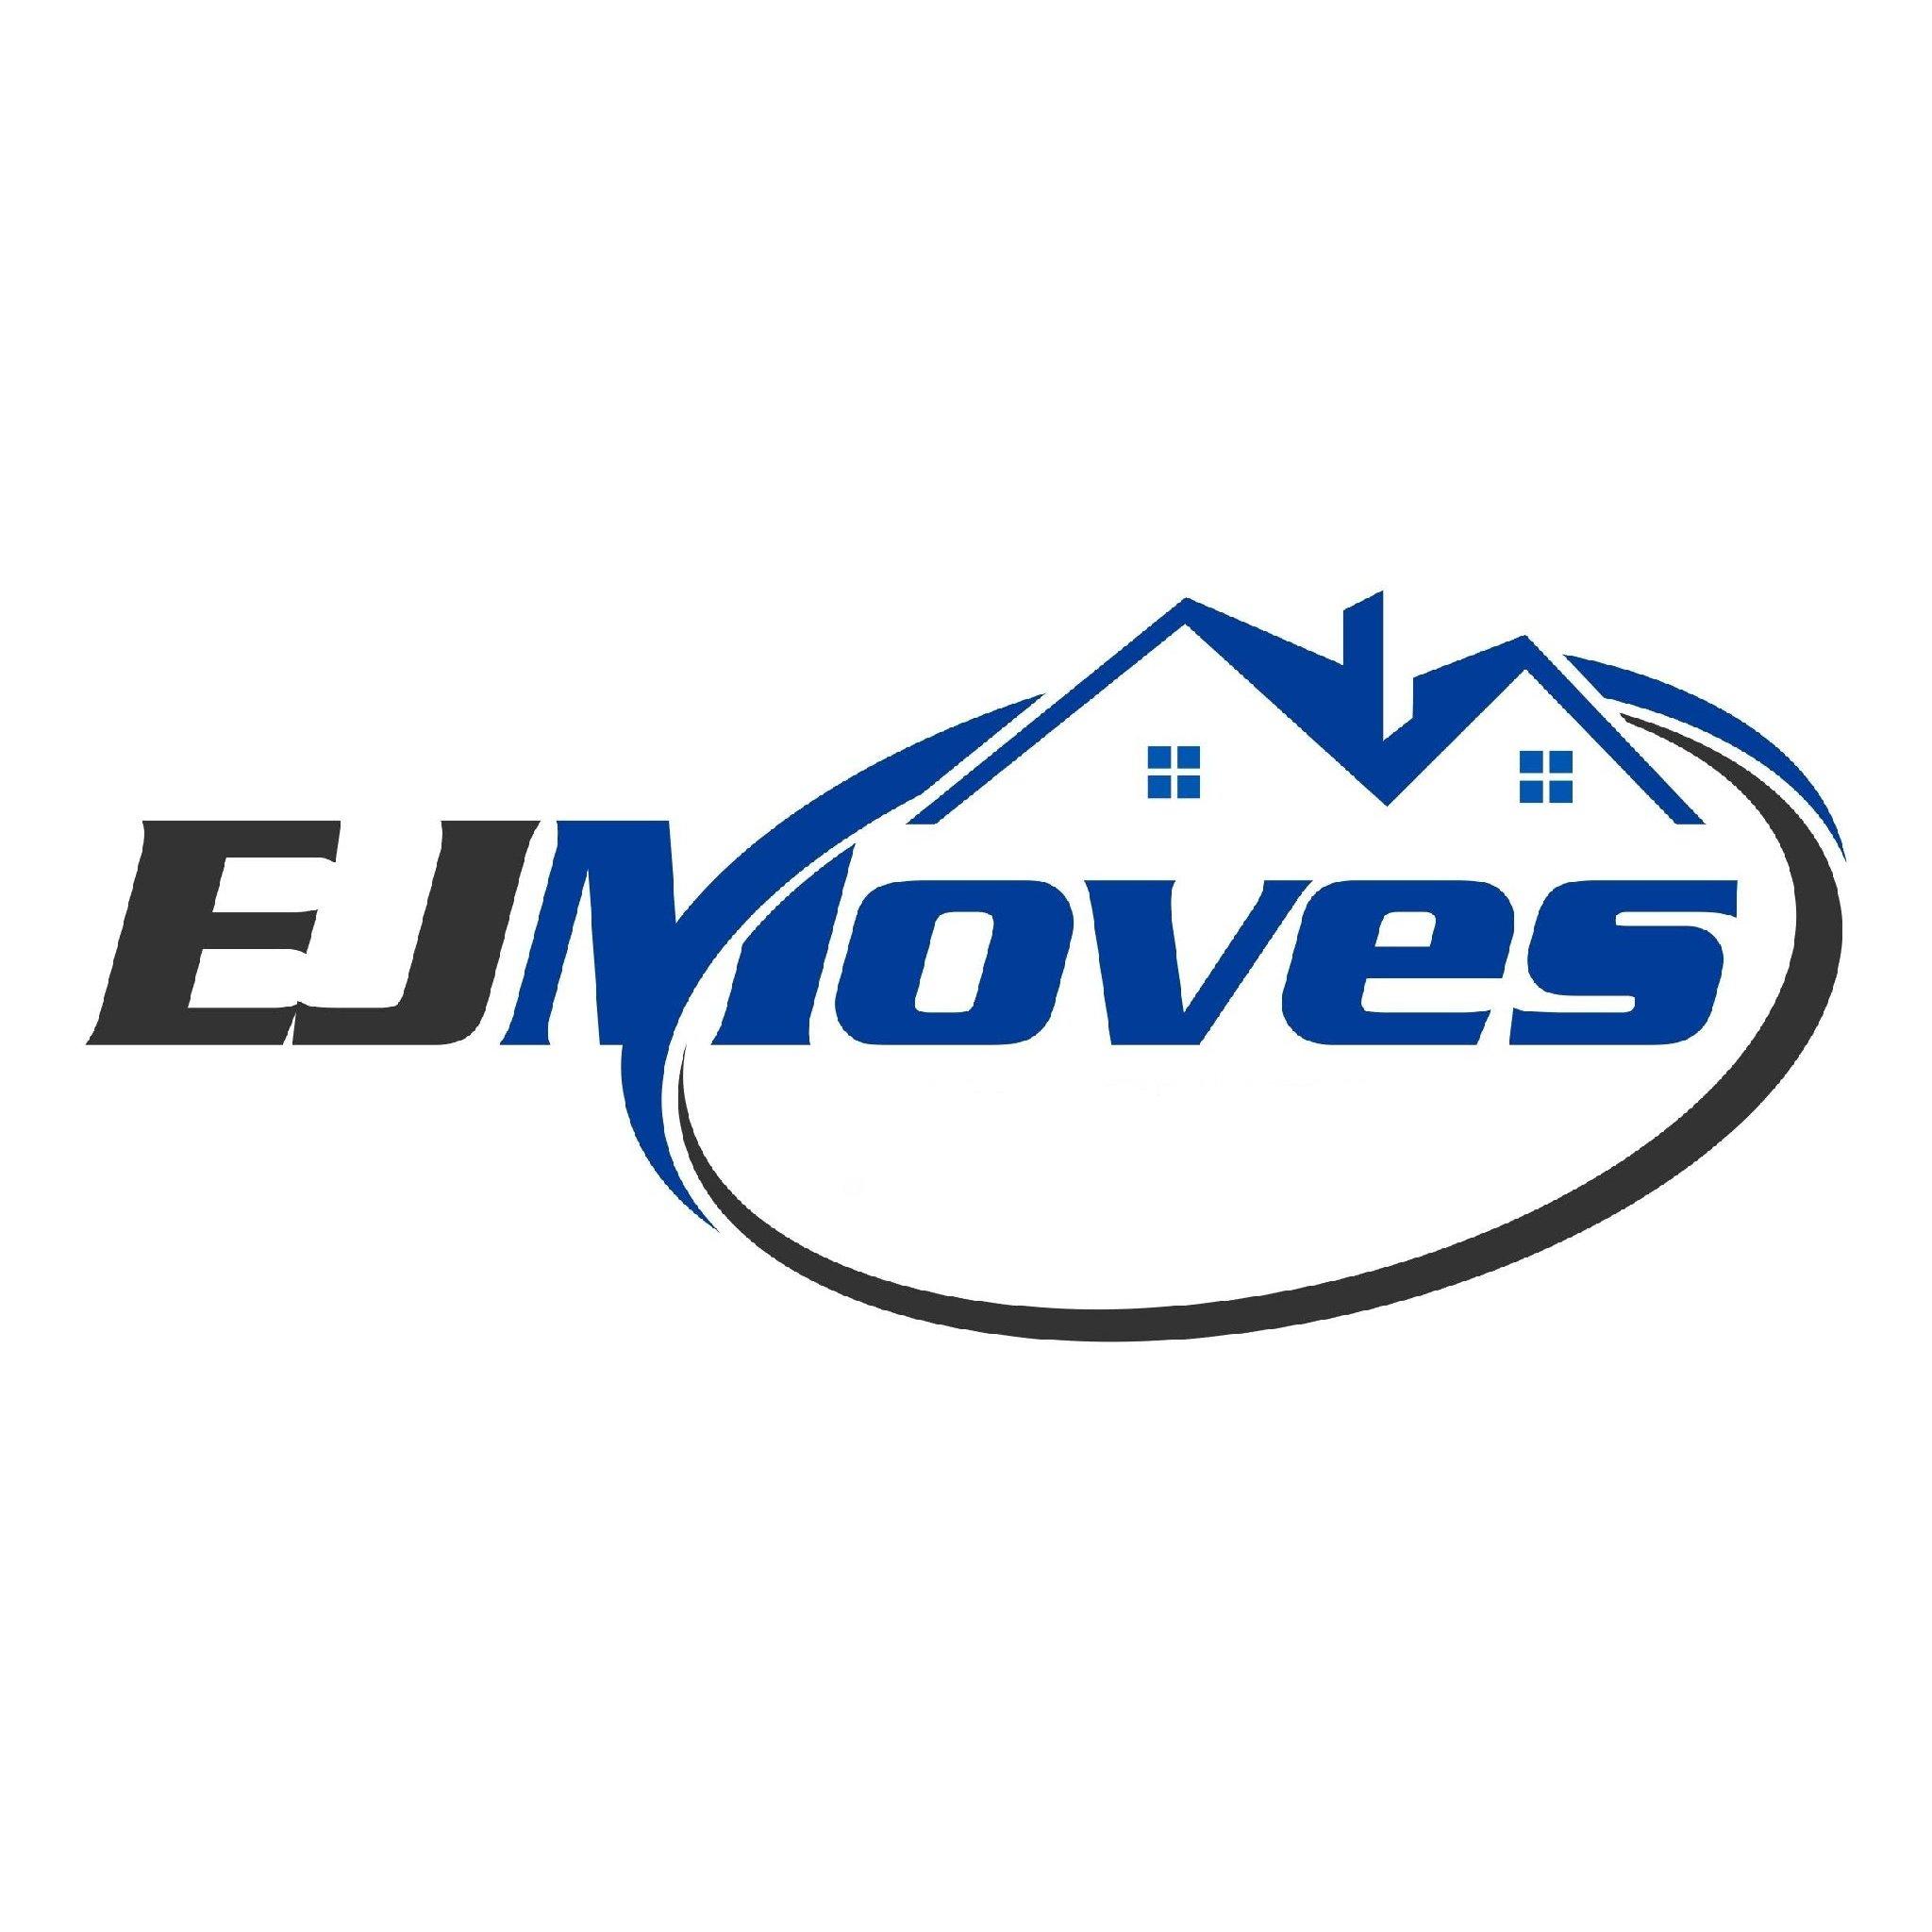 EJMoves - Barking, Essex IG11 7QP - 020 7183 3507 | ShowMeLocal.com